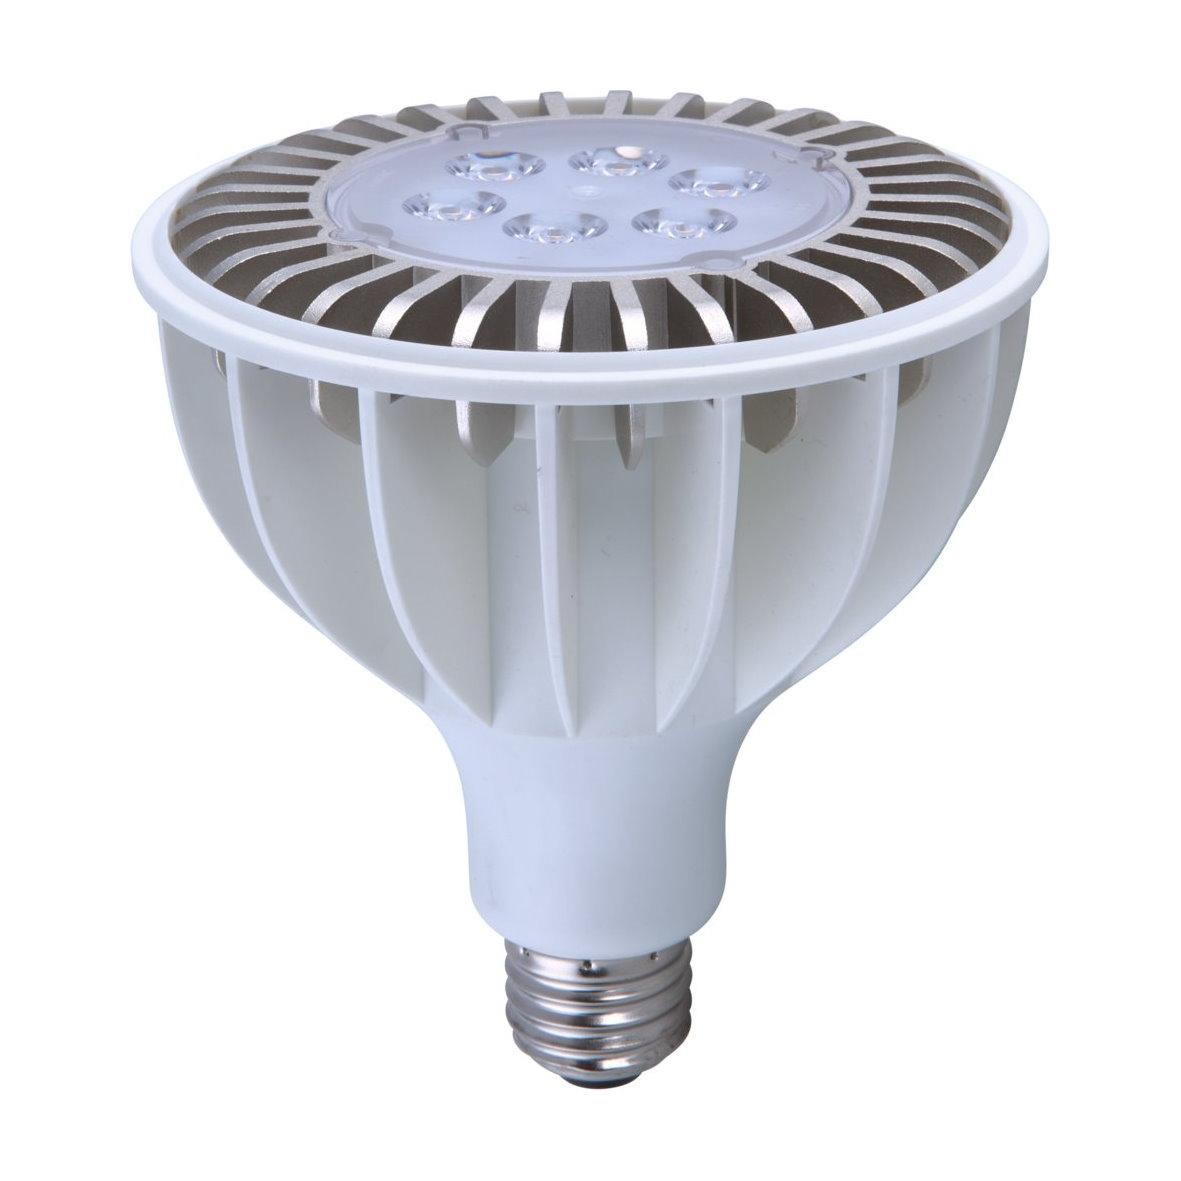 ampoules del par30 par38 e27 projecteur spot lampe de projecteur par ebay. Black Bedroom Furniture Sets. Home Design Ideas